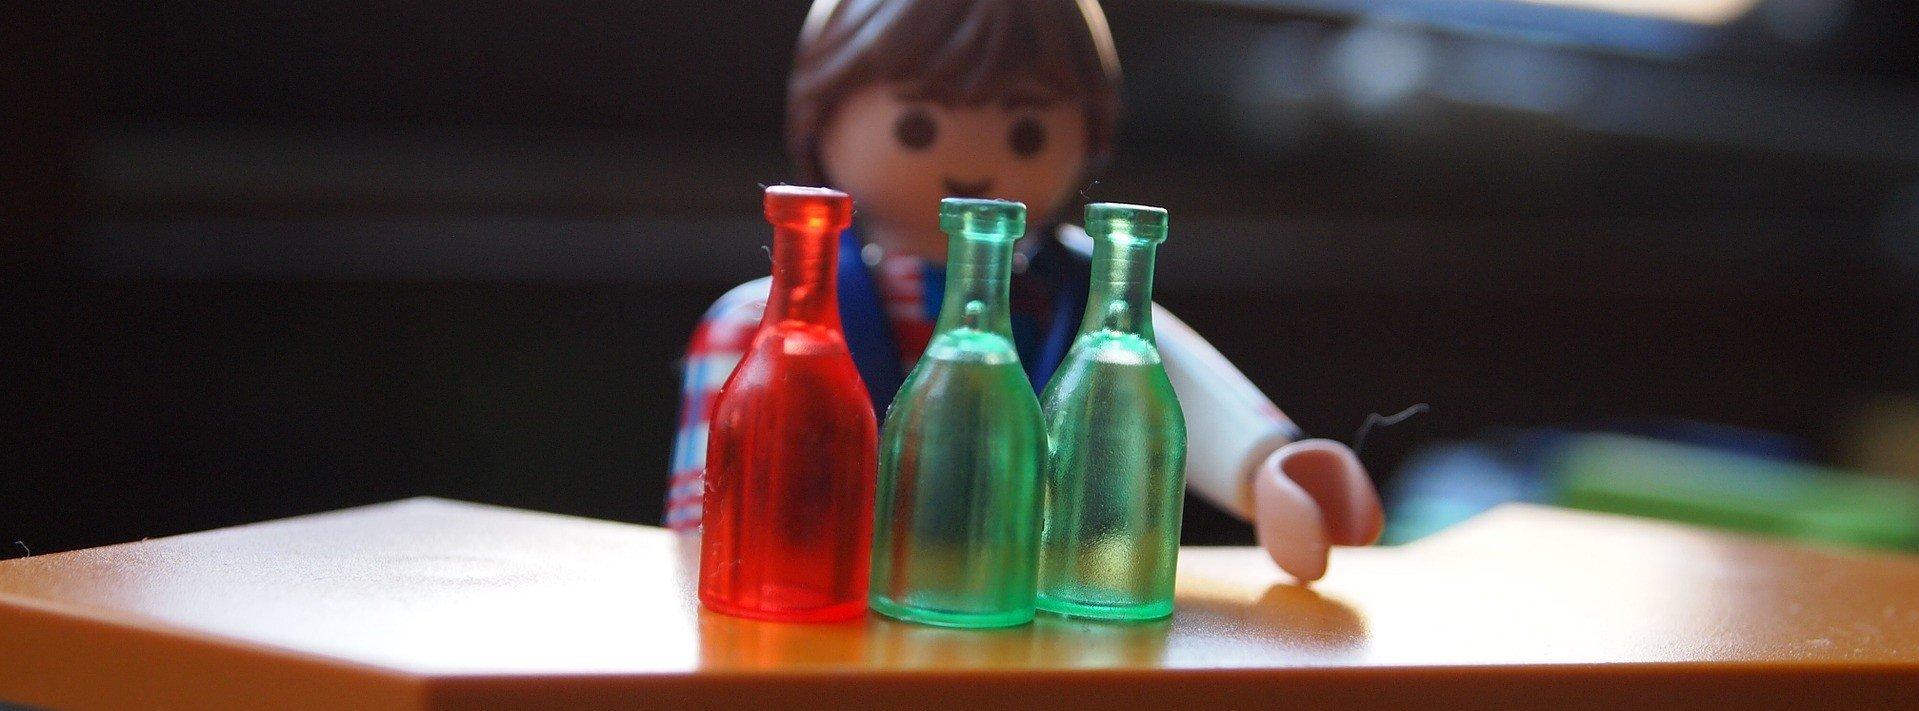 Un barman jouet servant de l'alcool